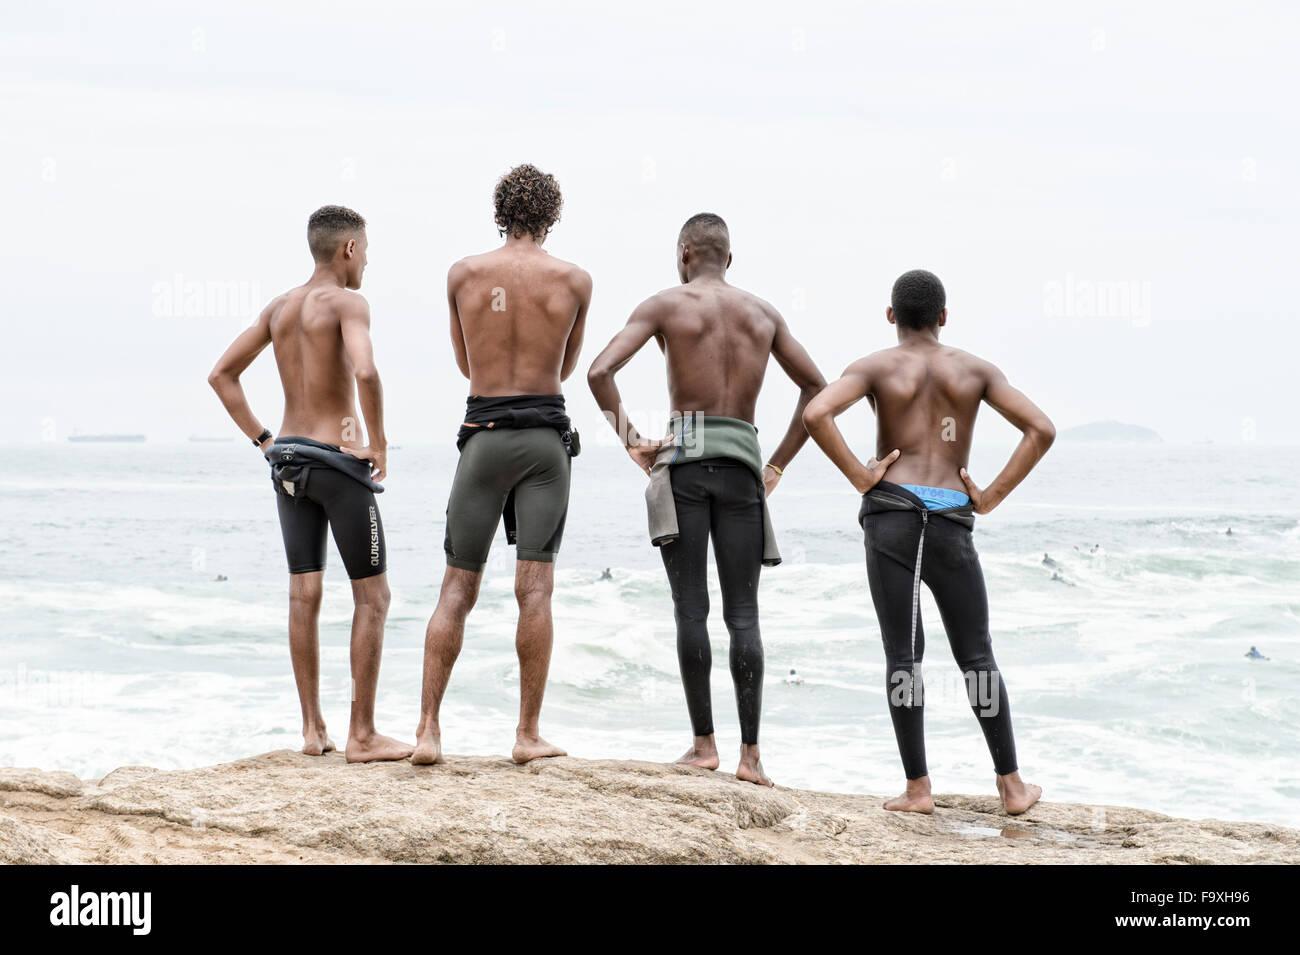 RIO DE JANEIRO, Brasile - 22 ottobre 2015: Brasiliano surfisti in muta guardare le onde in arrivo a Praia do Diabo Immagini Stock